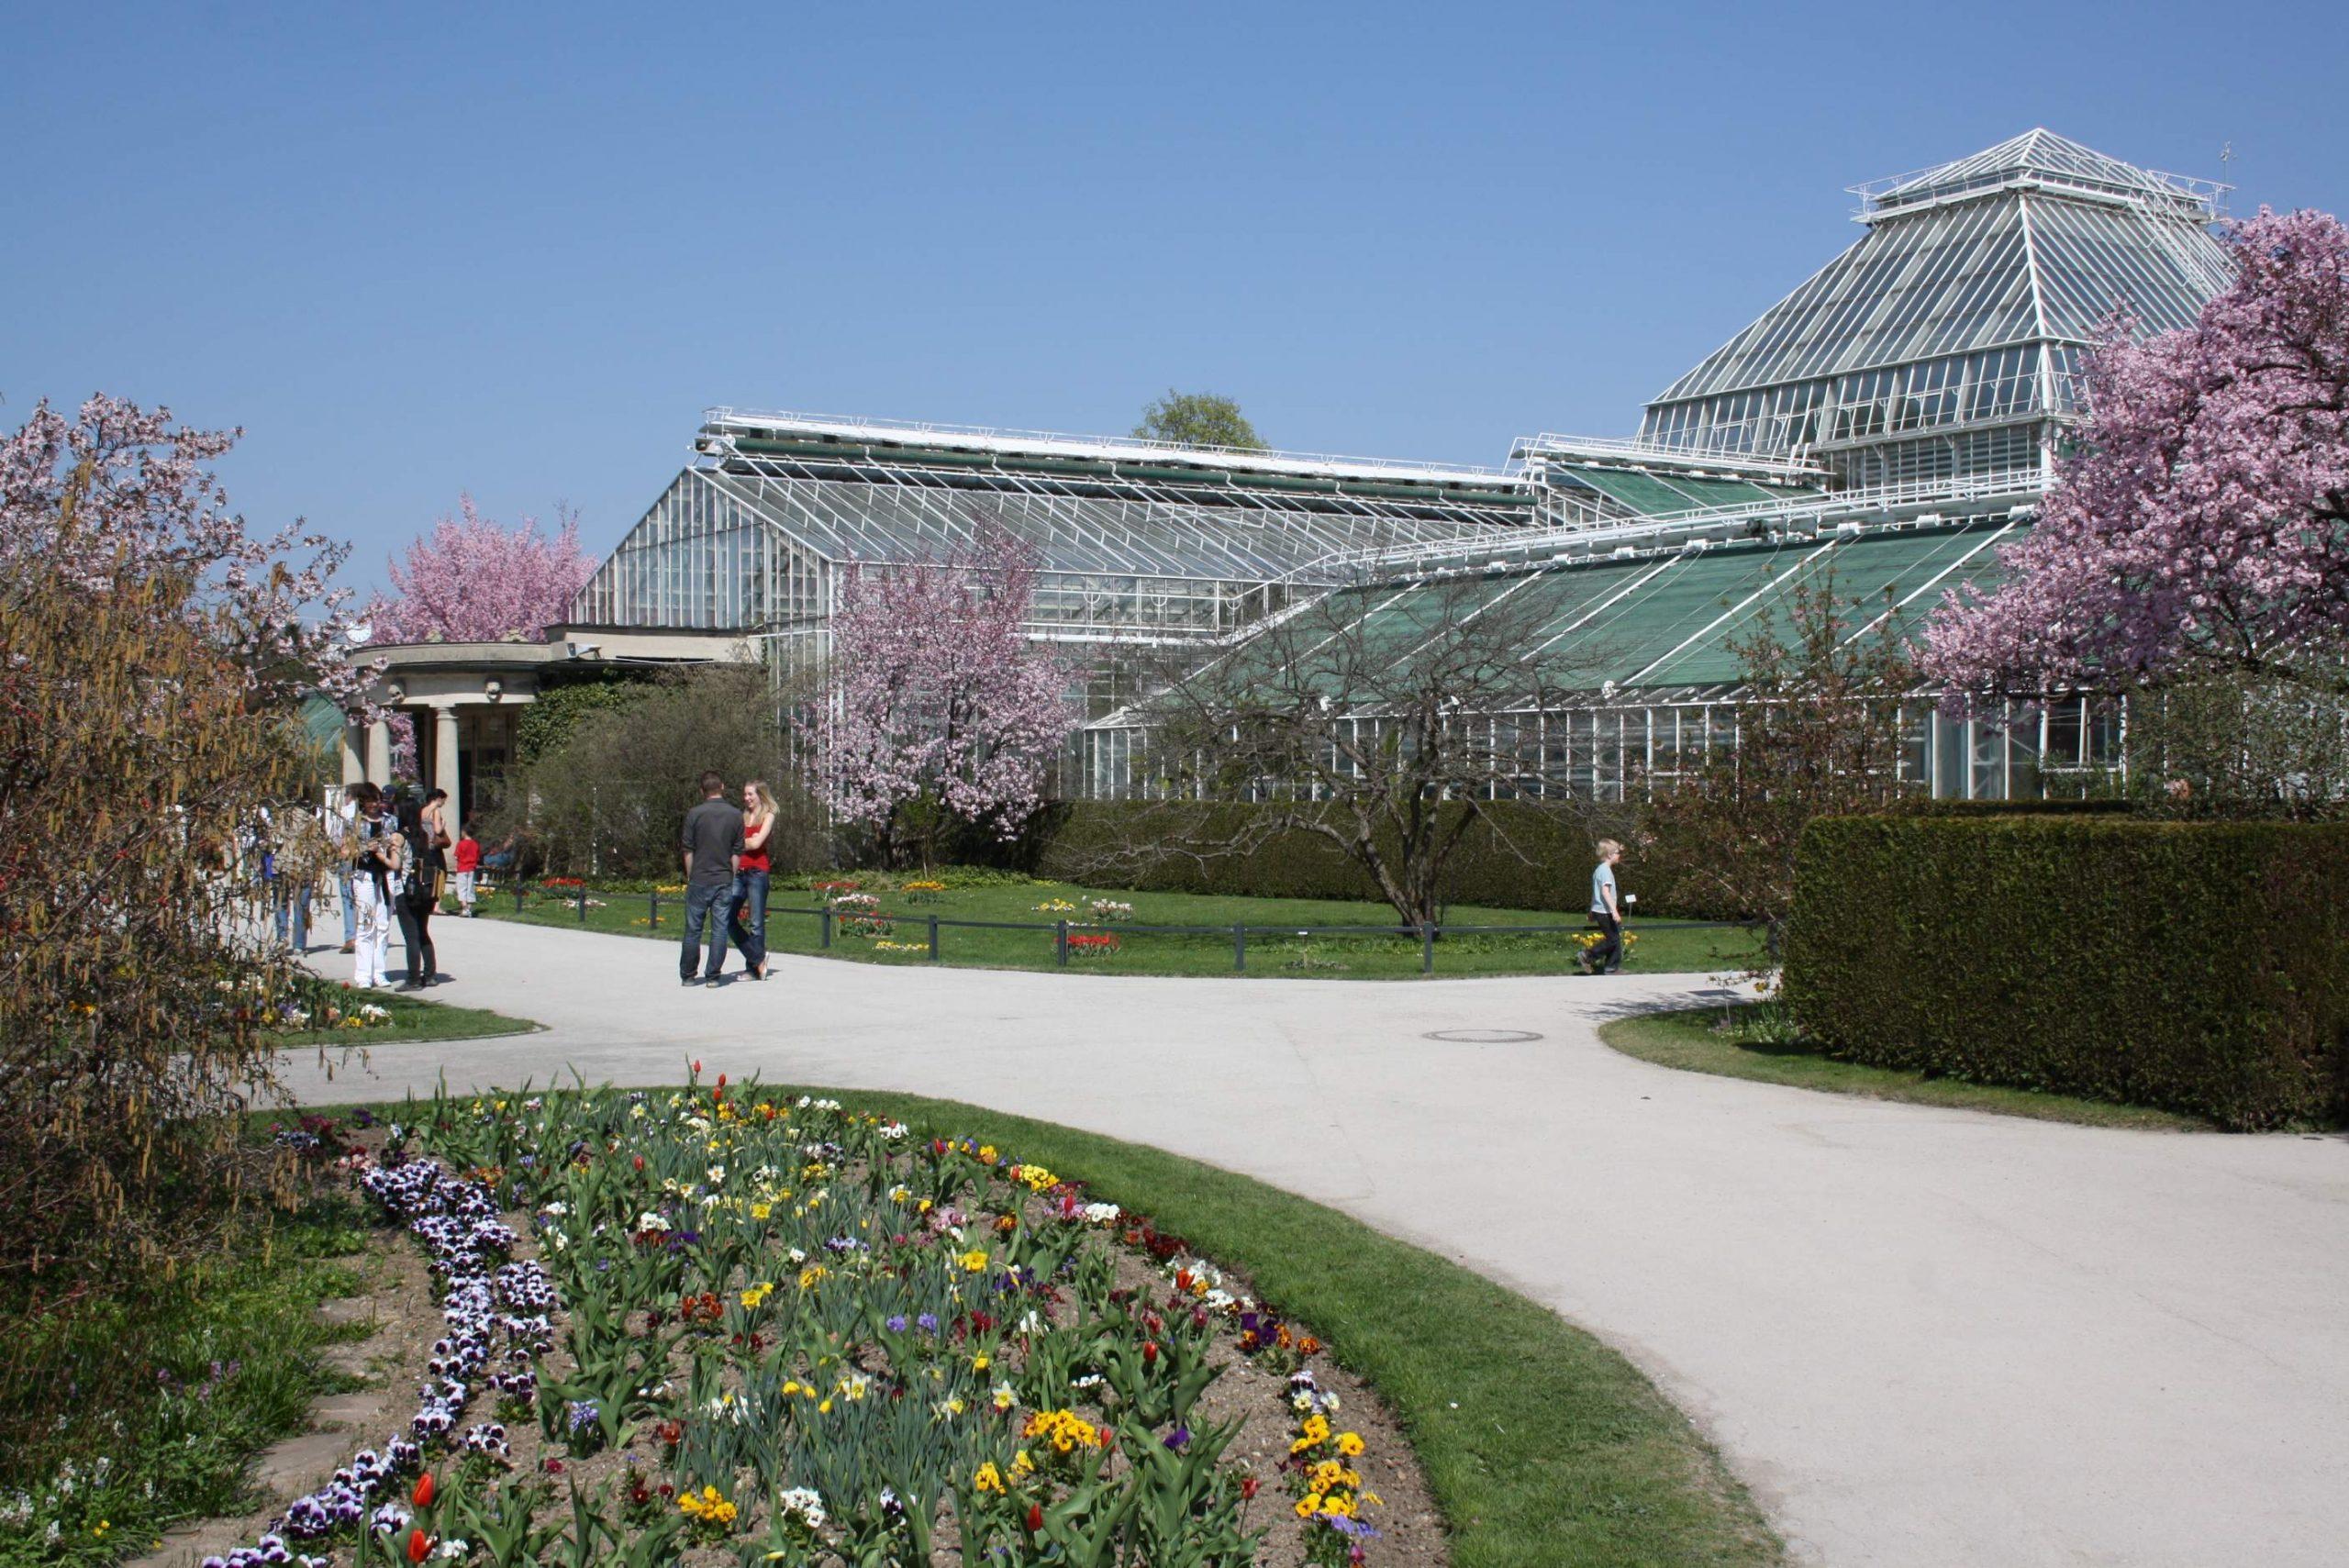 Datei Botanischer Garten Muenchen Gewächshäuser JPG